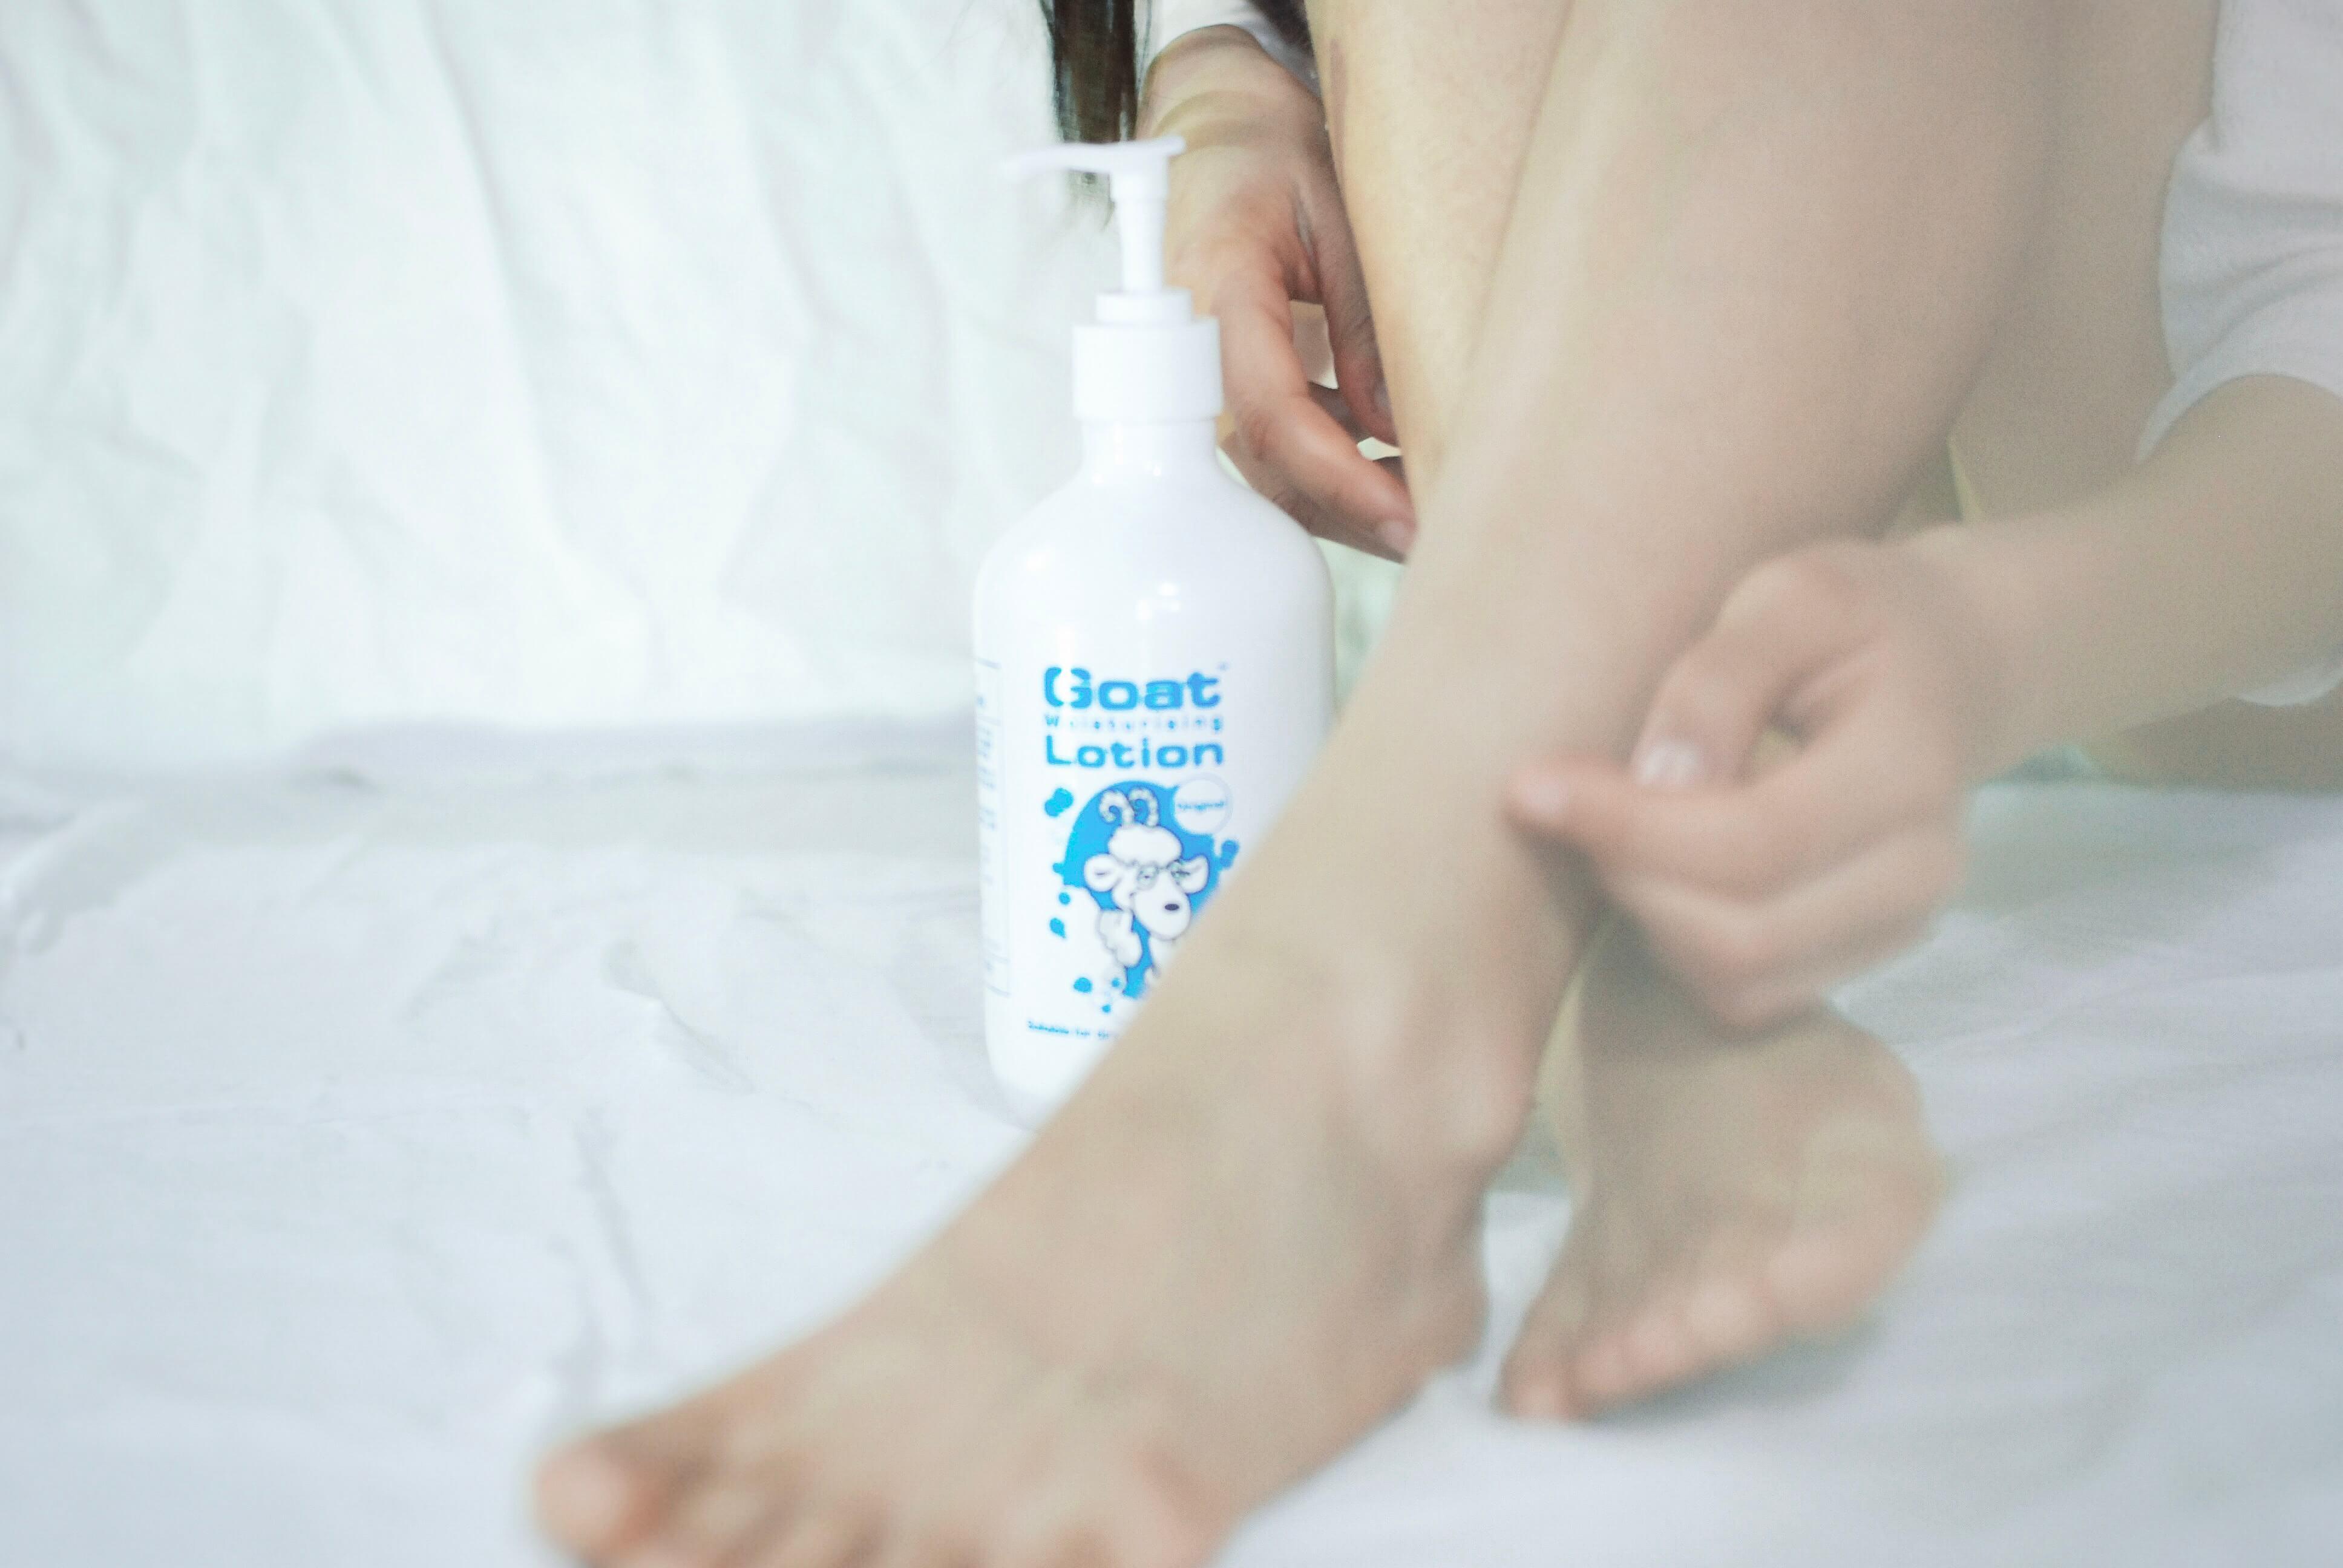 【澳洲品牌Goat羊奶系列護理產品】 成日聽人講羊奶好滋潤 你又有冇真係試過?